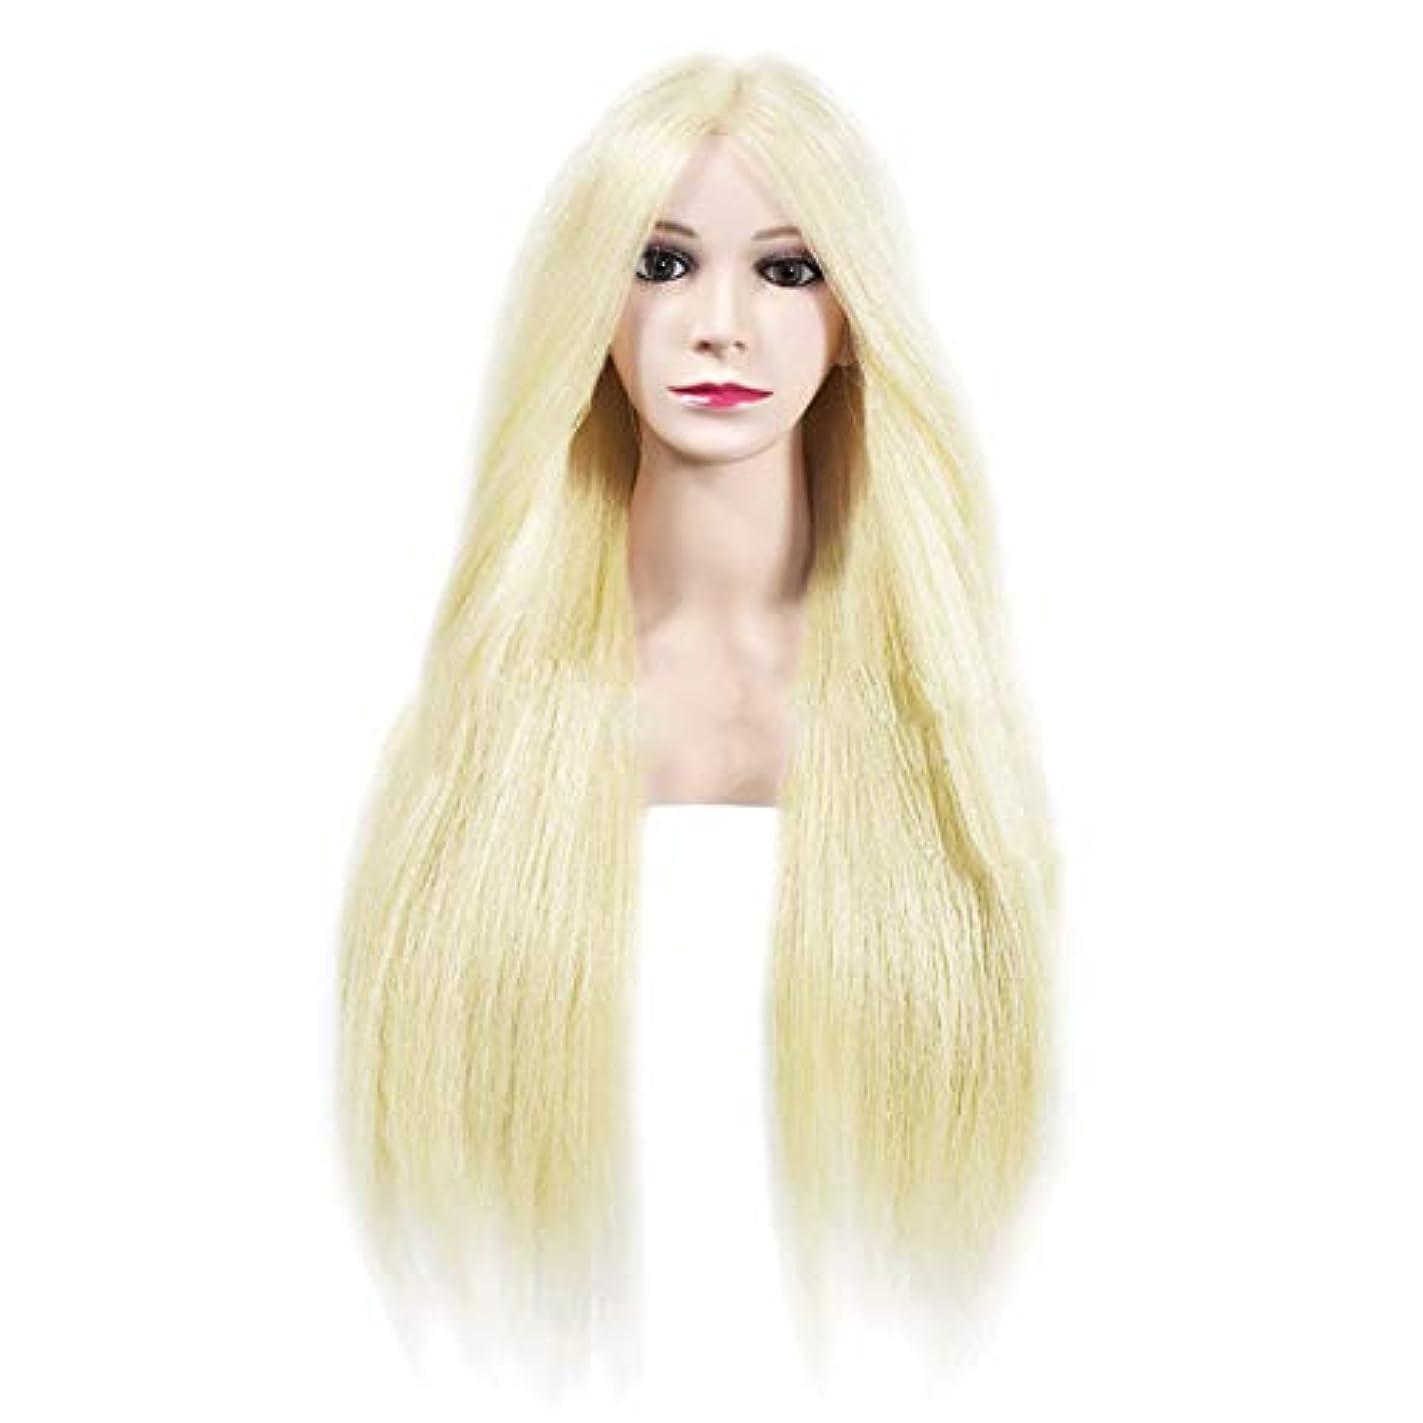 軽量香り遠近法専門の練習ホット染色漂白はさみモデリングマネキン髪編組髪かつら女性モデルティーチングヘッド